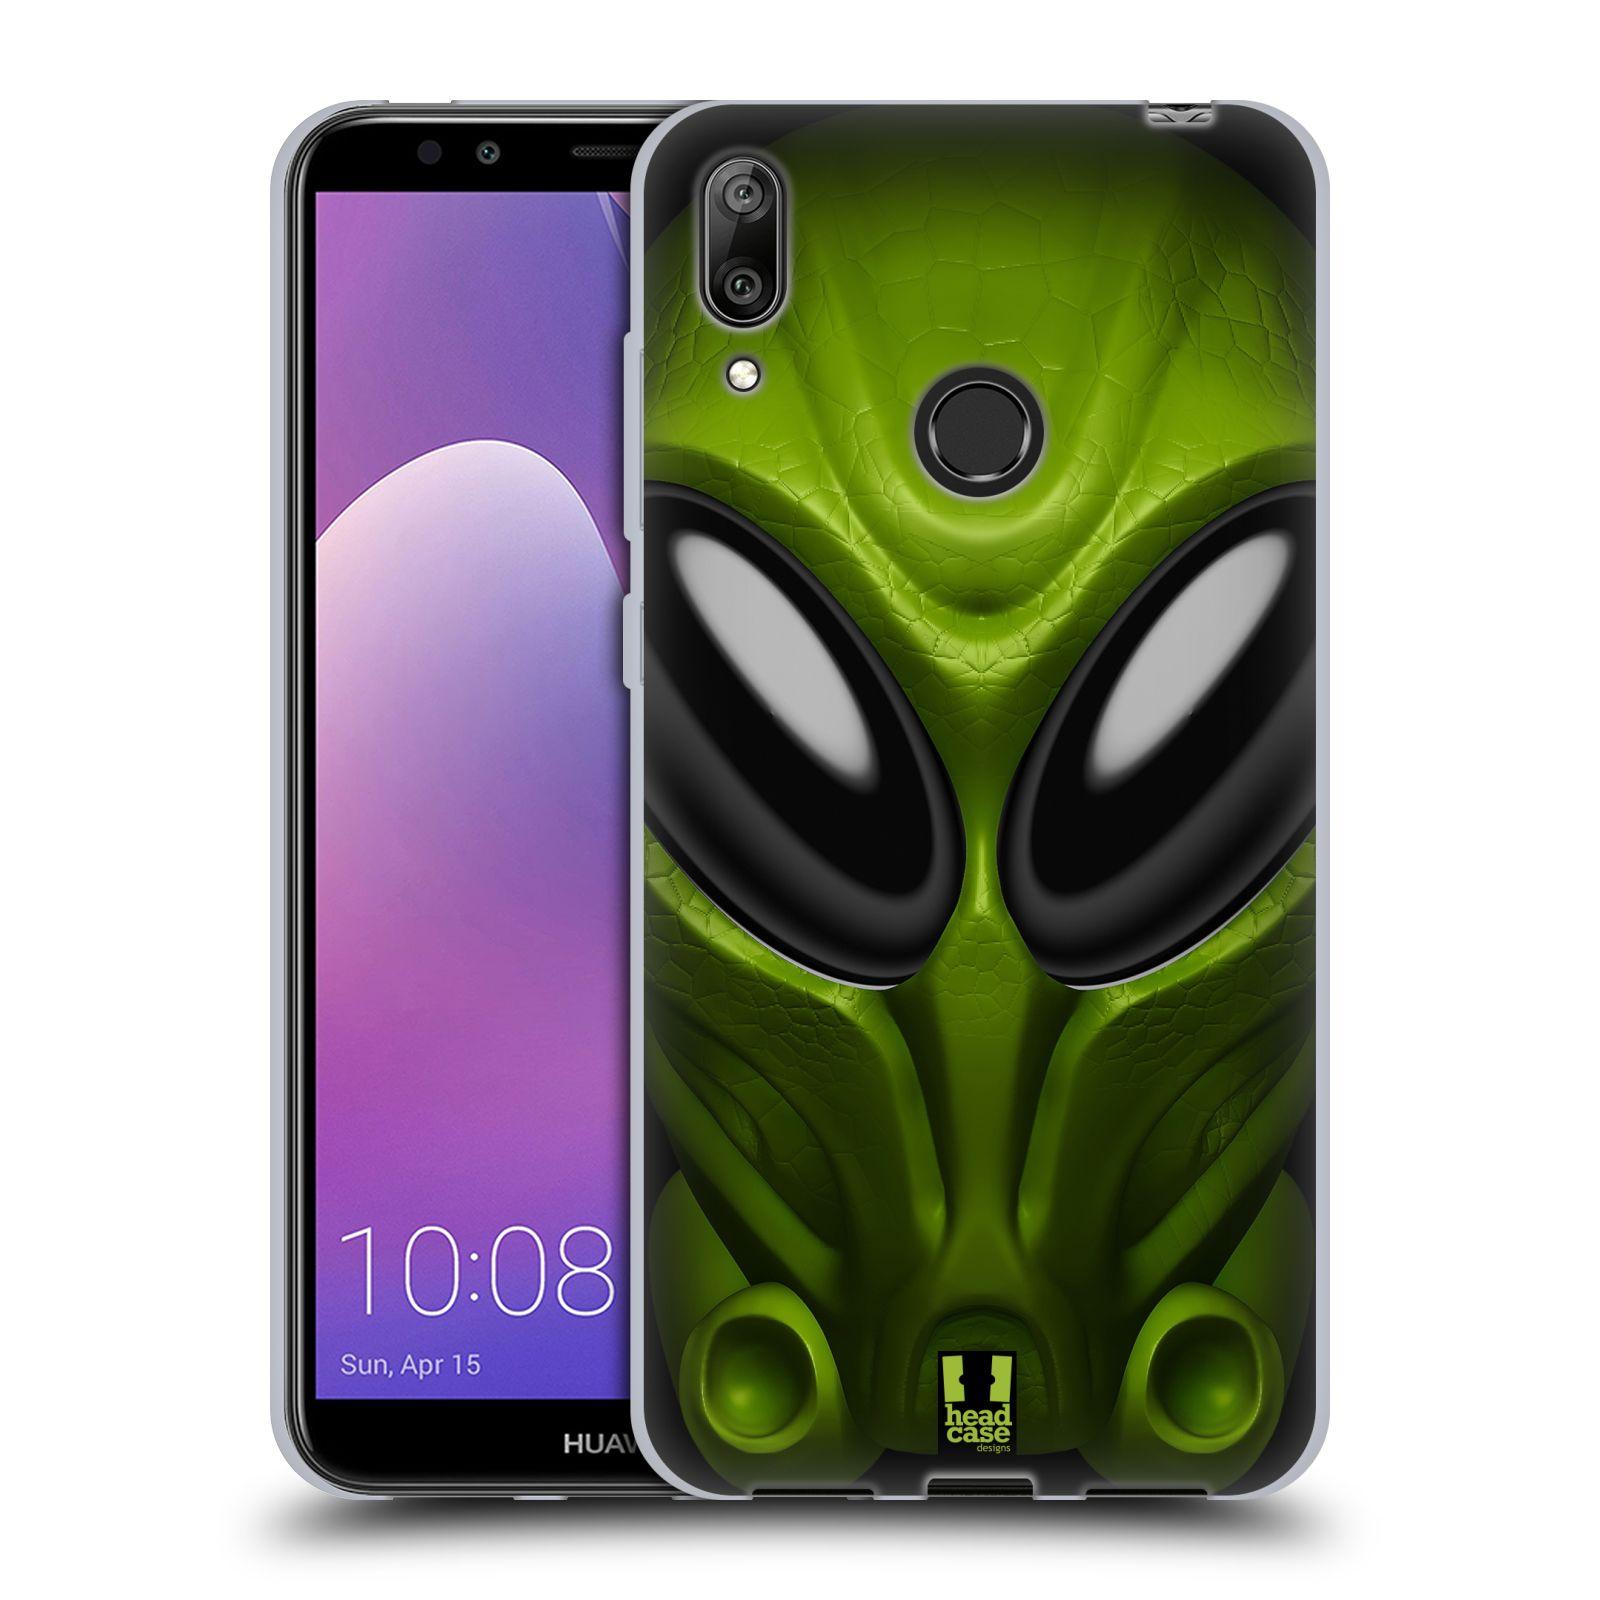 Silikonové pouzdro na mobil Huawei Y7 (2019) - Head Case - Ufoun Mastermind